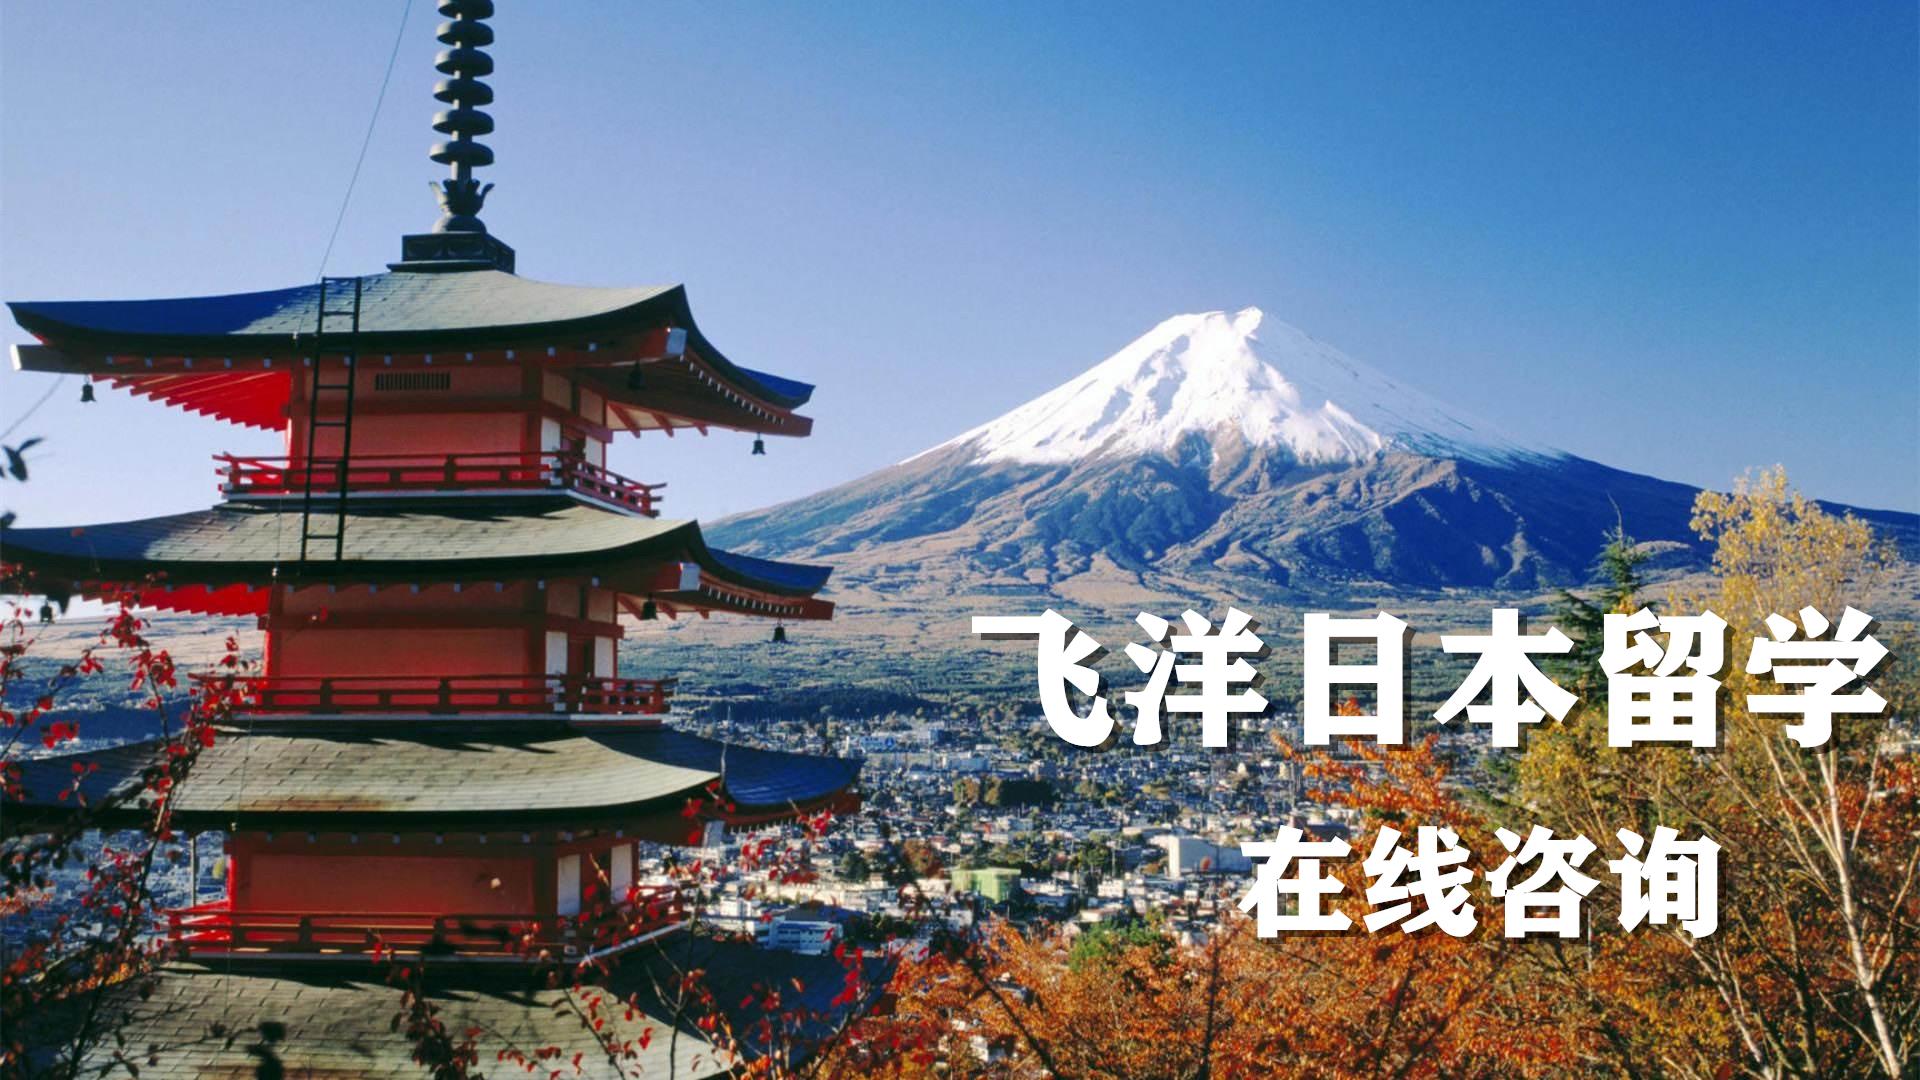 开封日本留学机构-开封请求日本留学课程